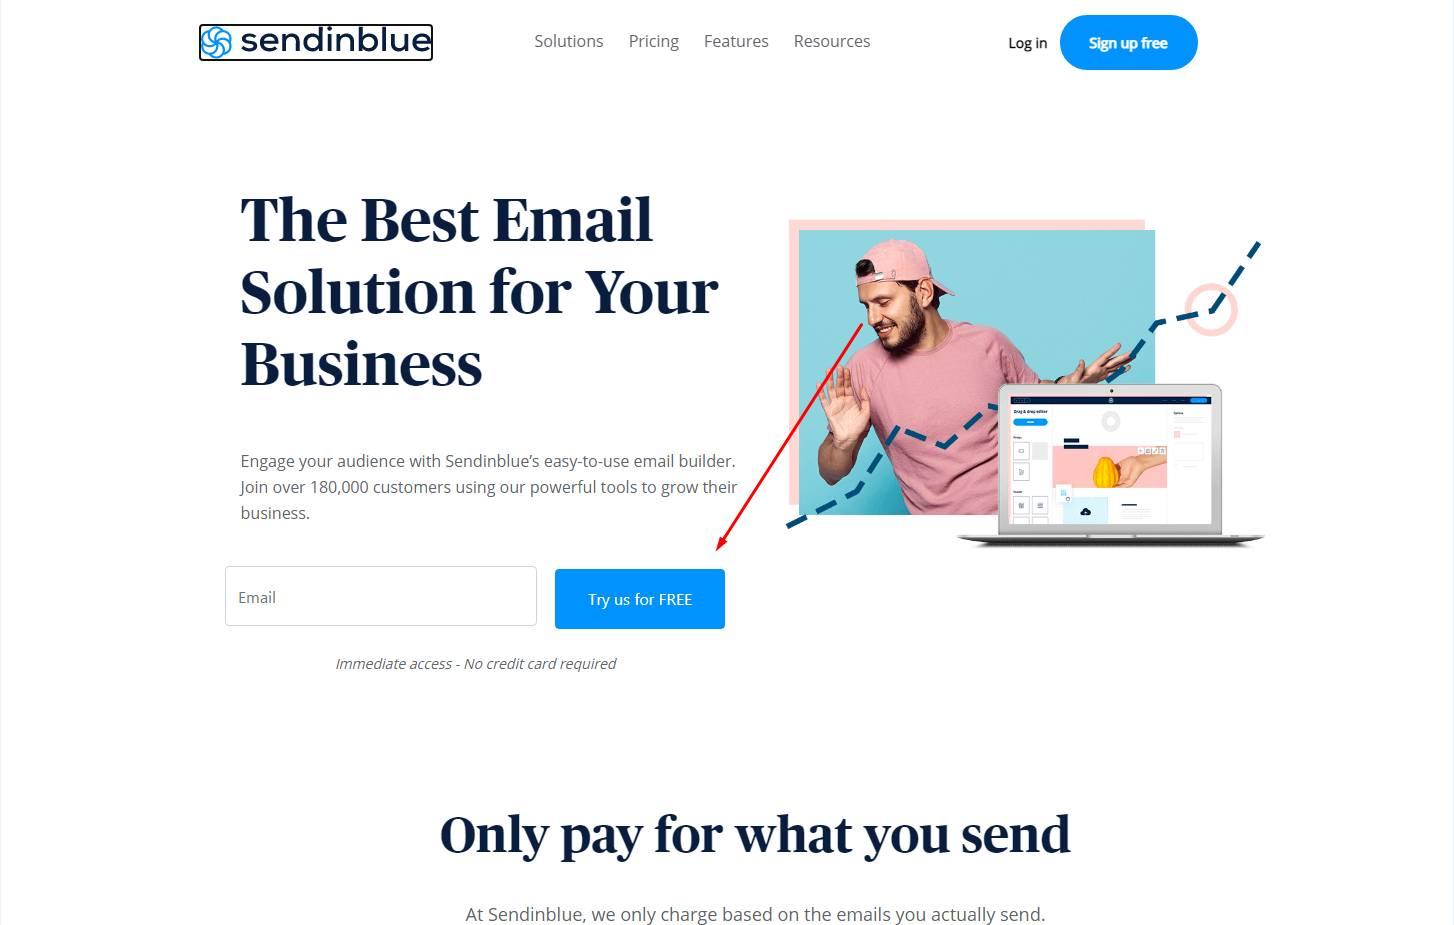 Primer web stranice Sendinblue: Dečko sa fotografije gleda u polje gde se unosi email